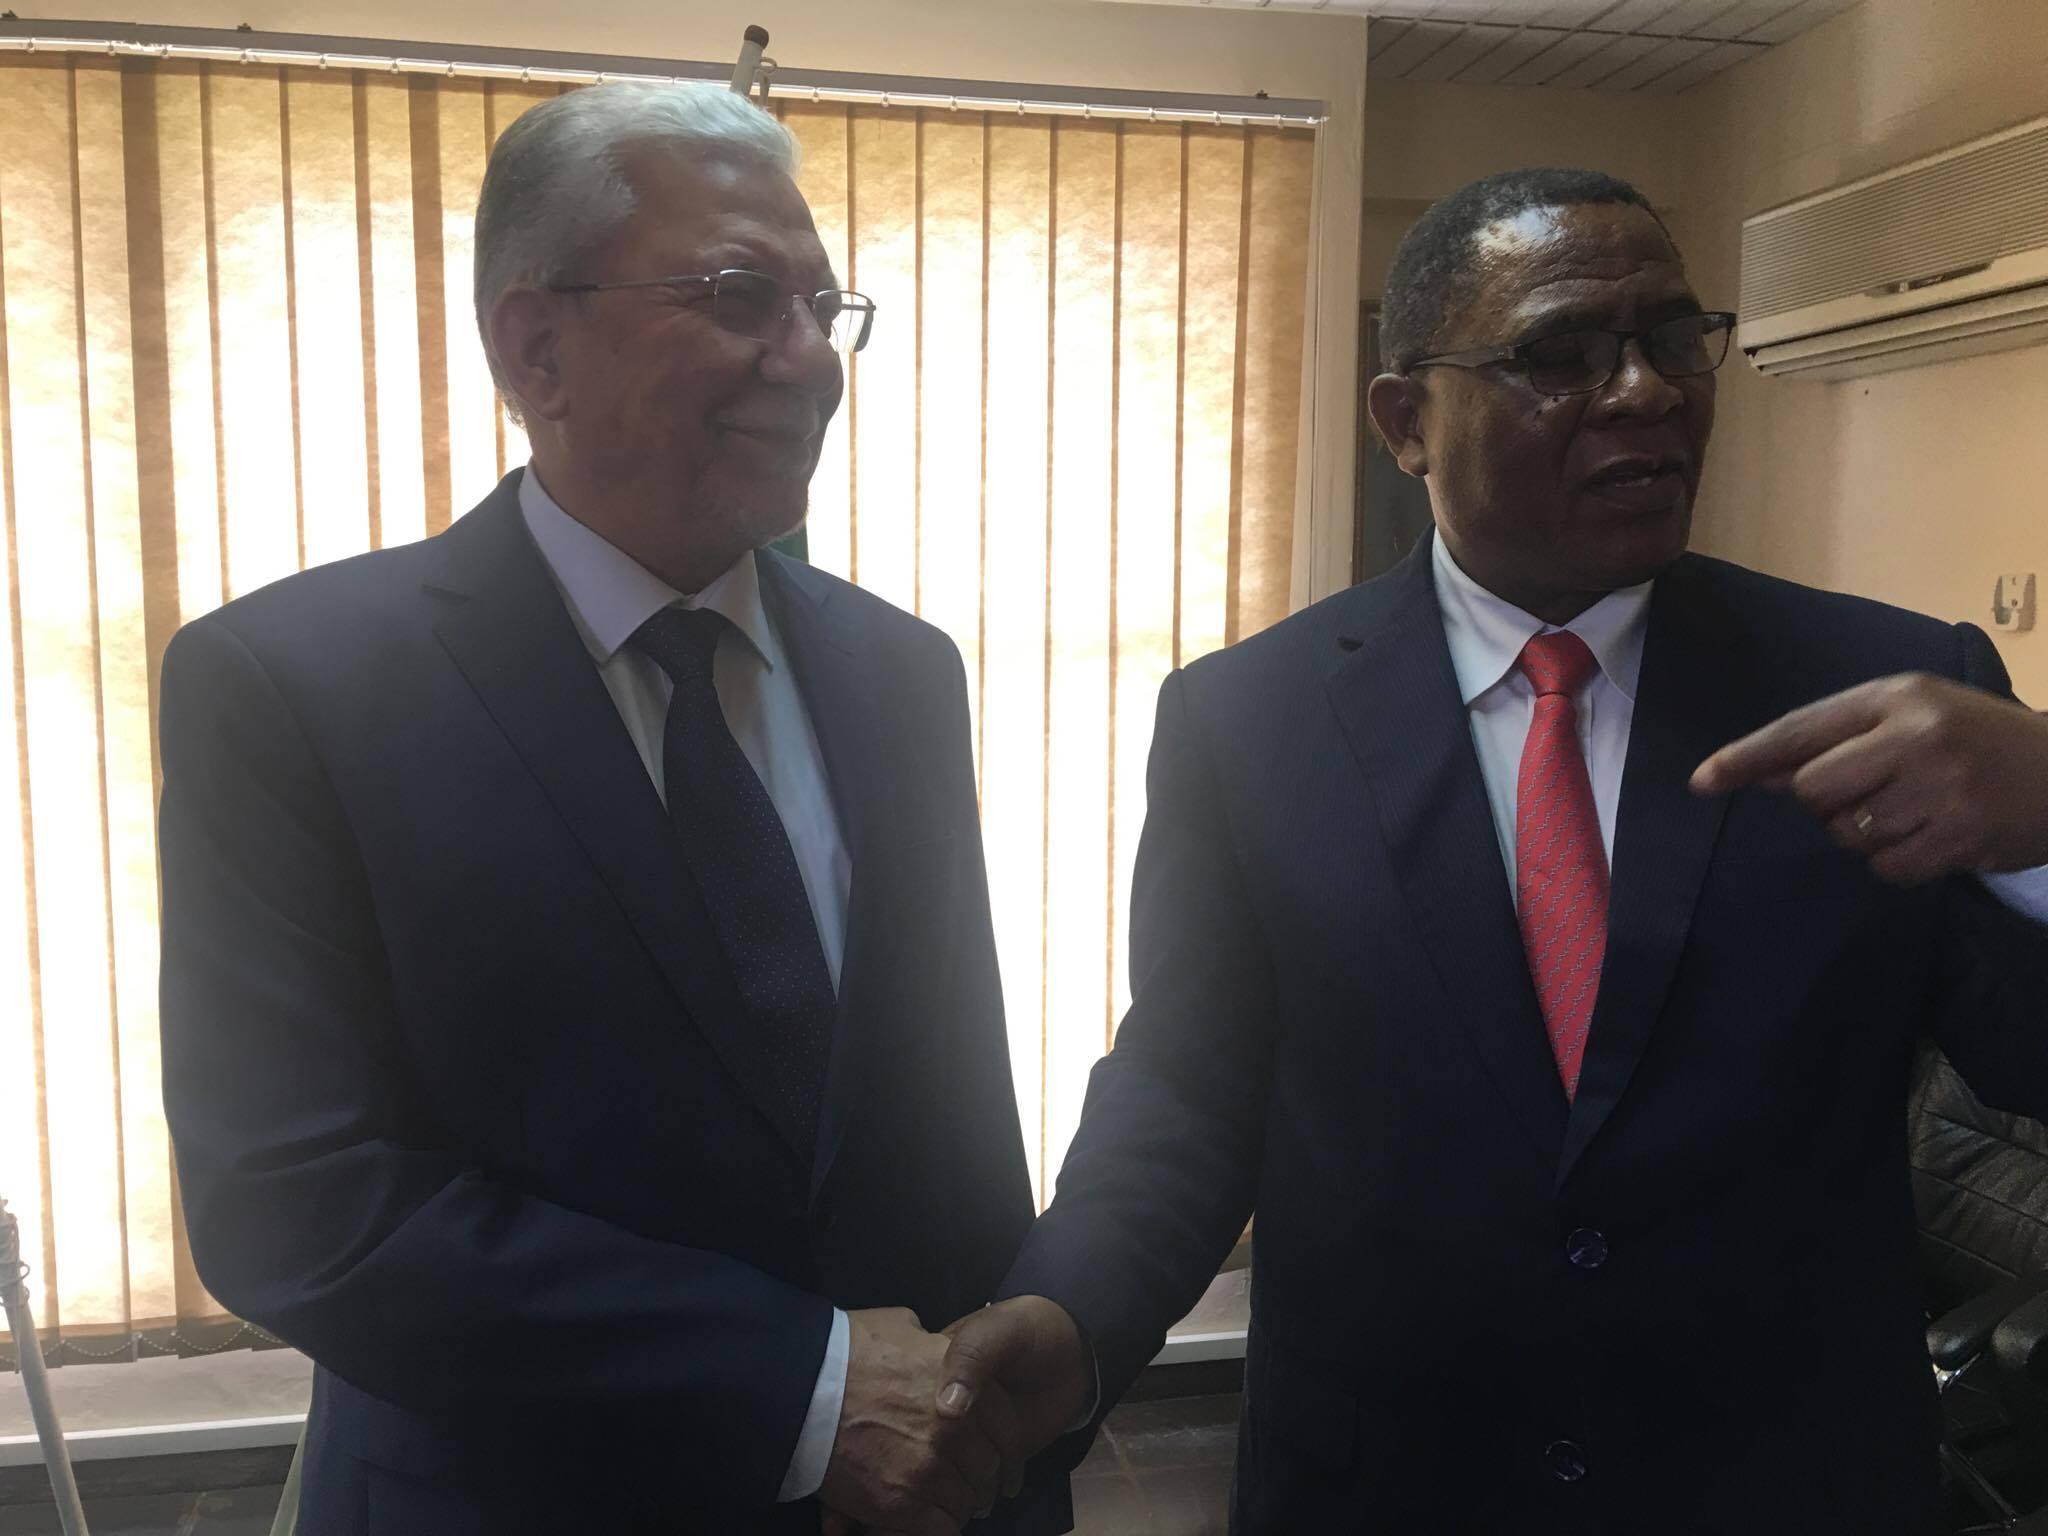 الأمانة العامة لاتحاد المغرب العربي تعزز علاقات الشراكة مع المجموعة الاقتصادية (كوميسا) لتحقيق الاندماج الإفريقي